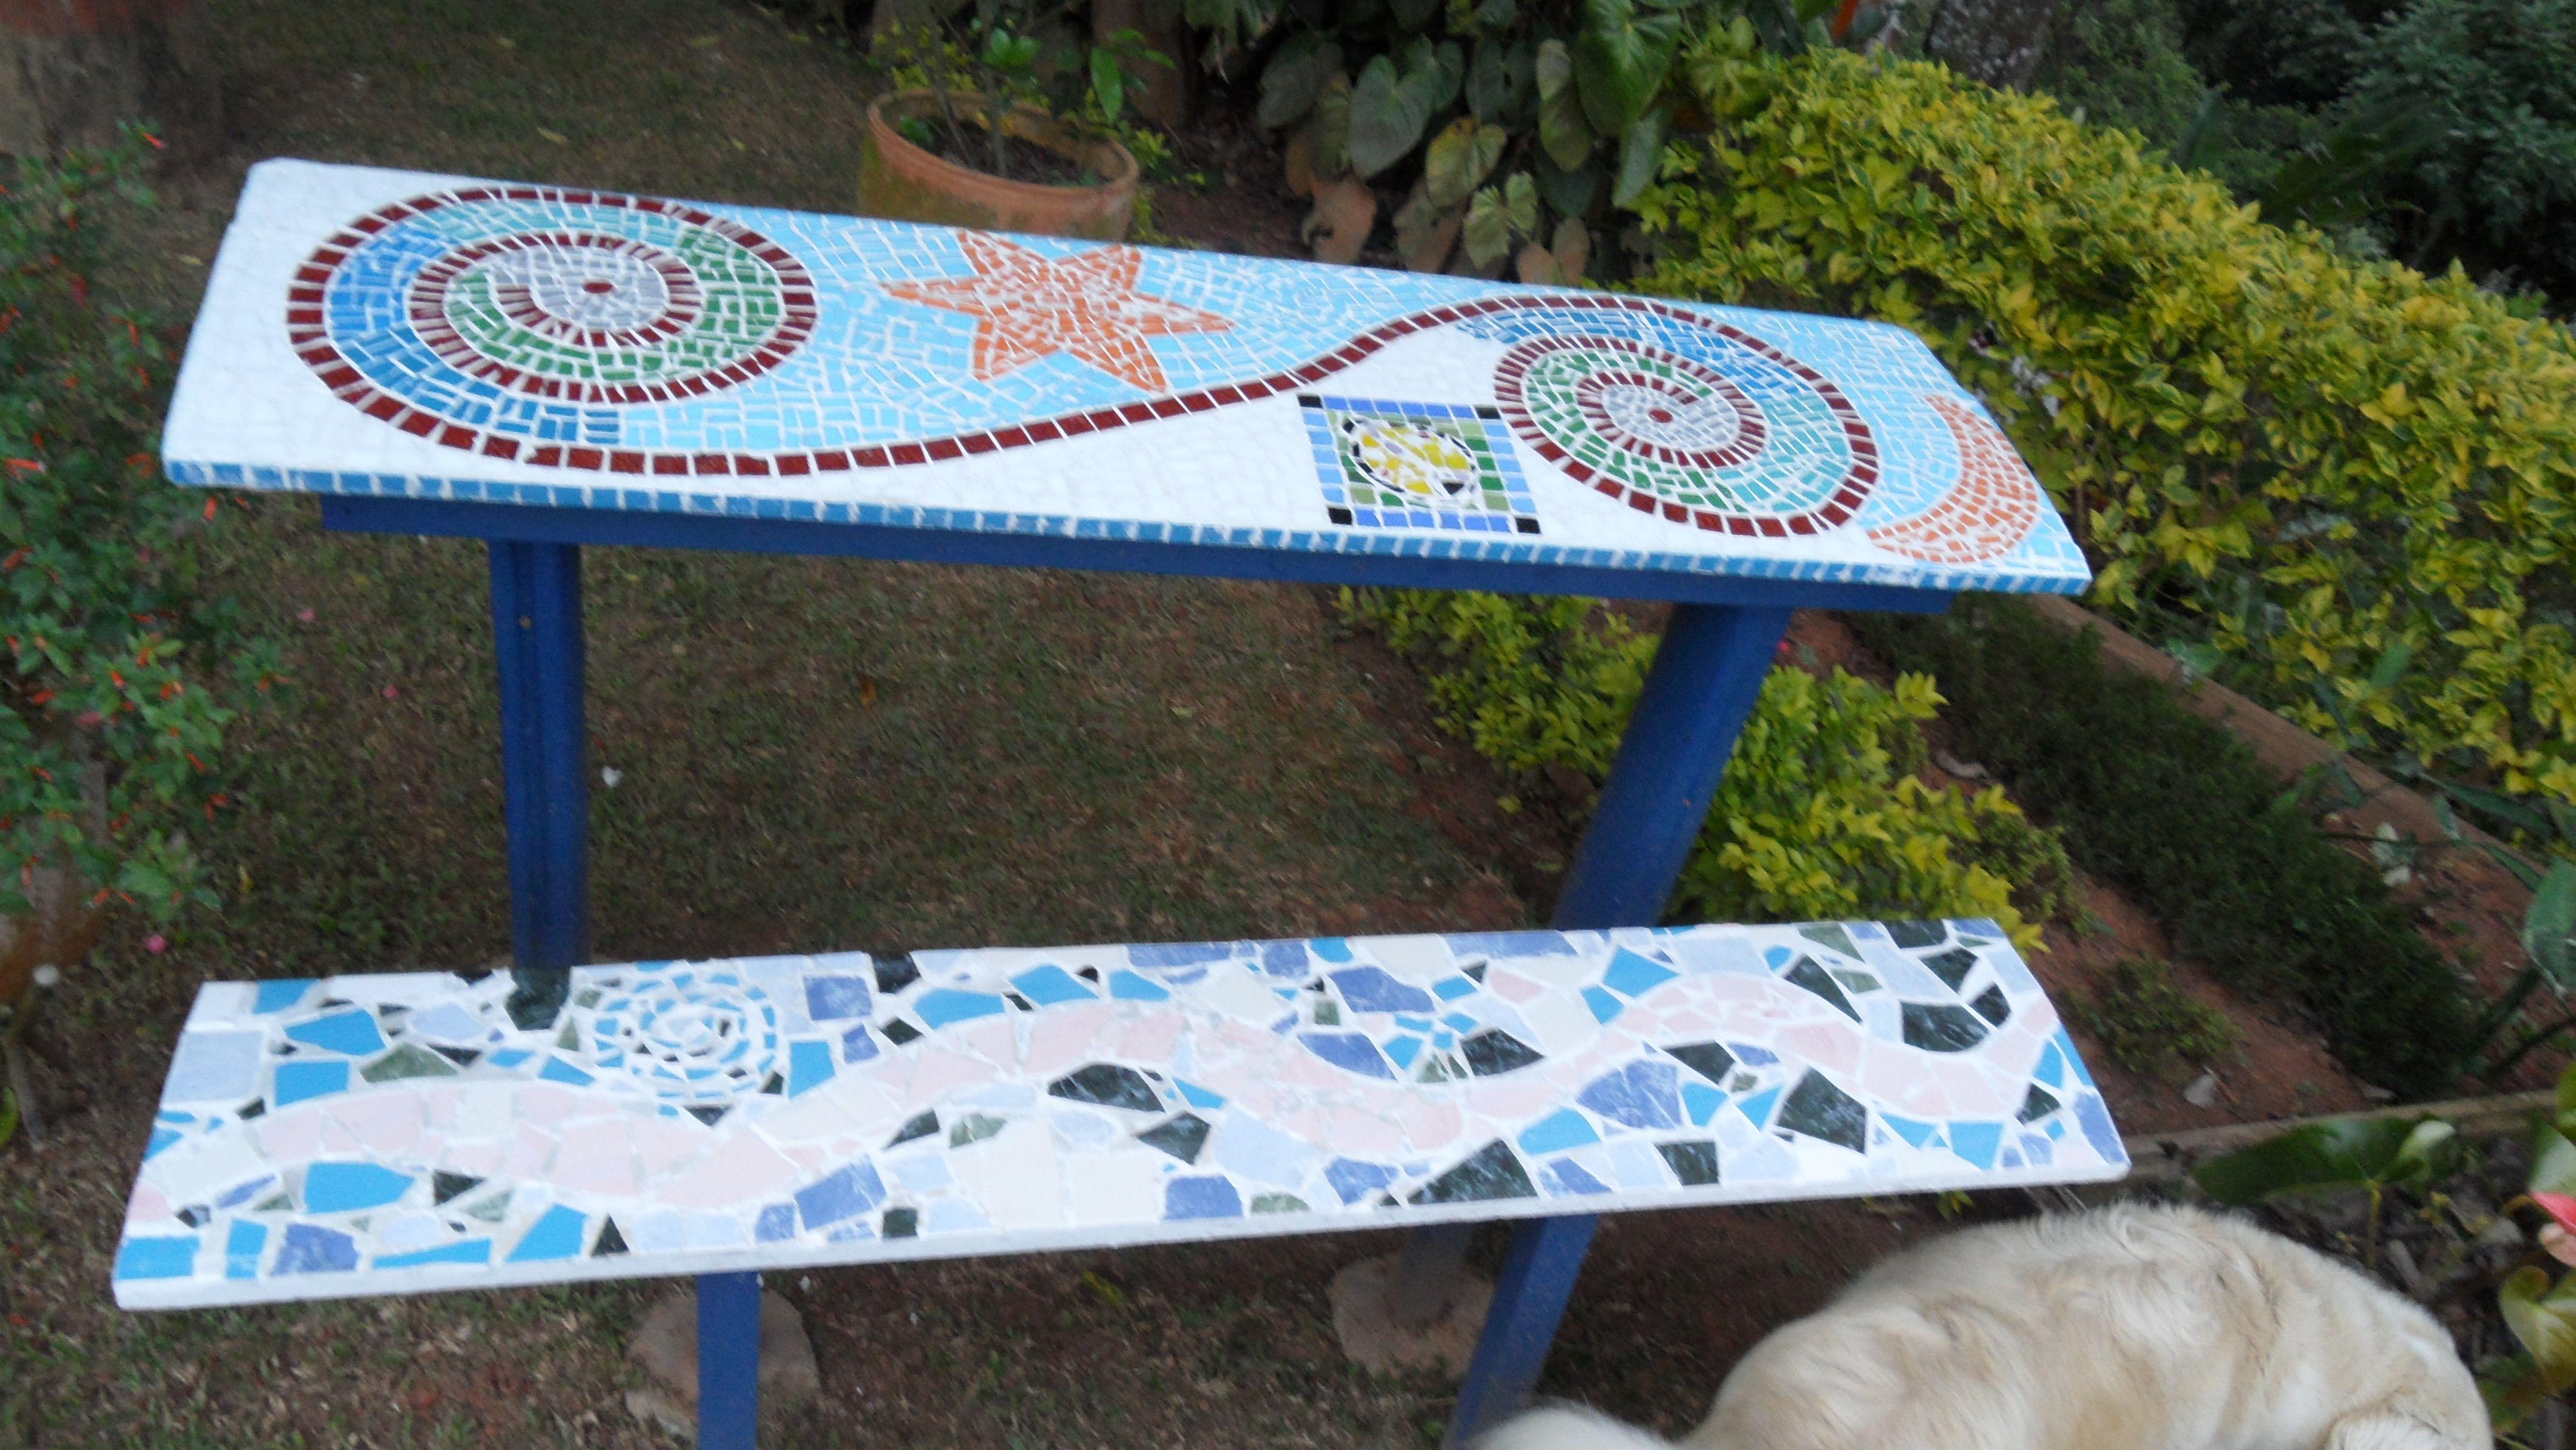 Mosaico banca y mesa de jardin mosaico trabajos que for Mesas de mosaico